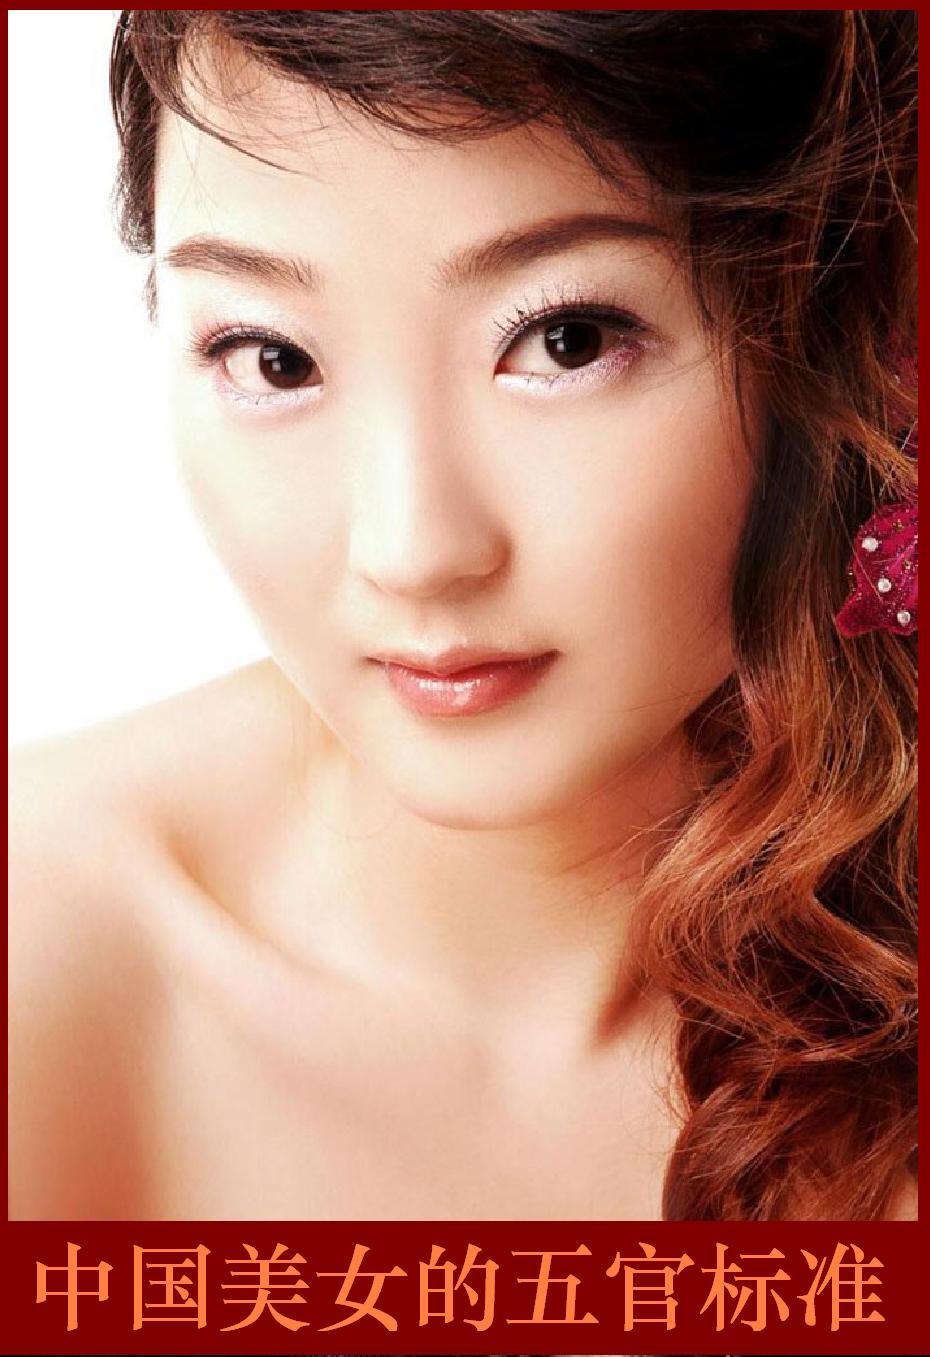 中国美女的五官标准养眼美女附文:谁买走了我的